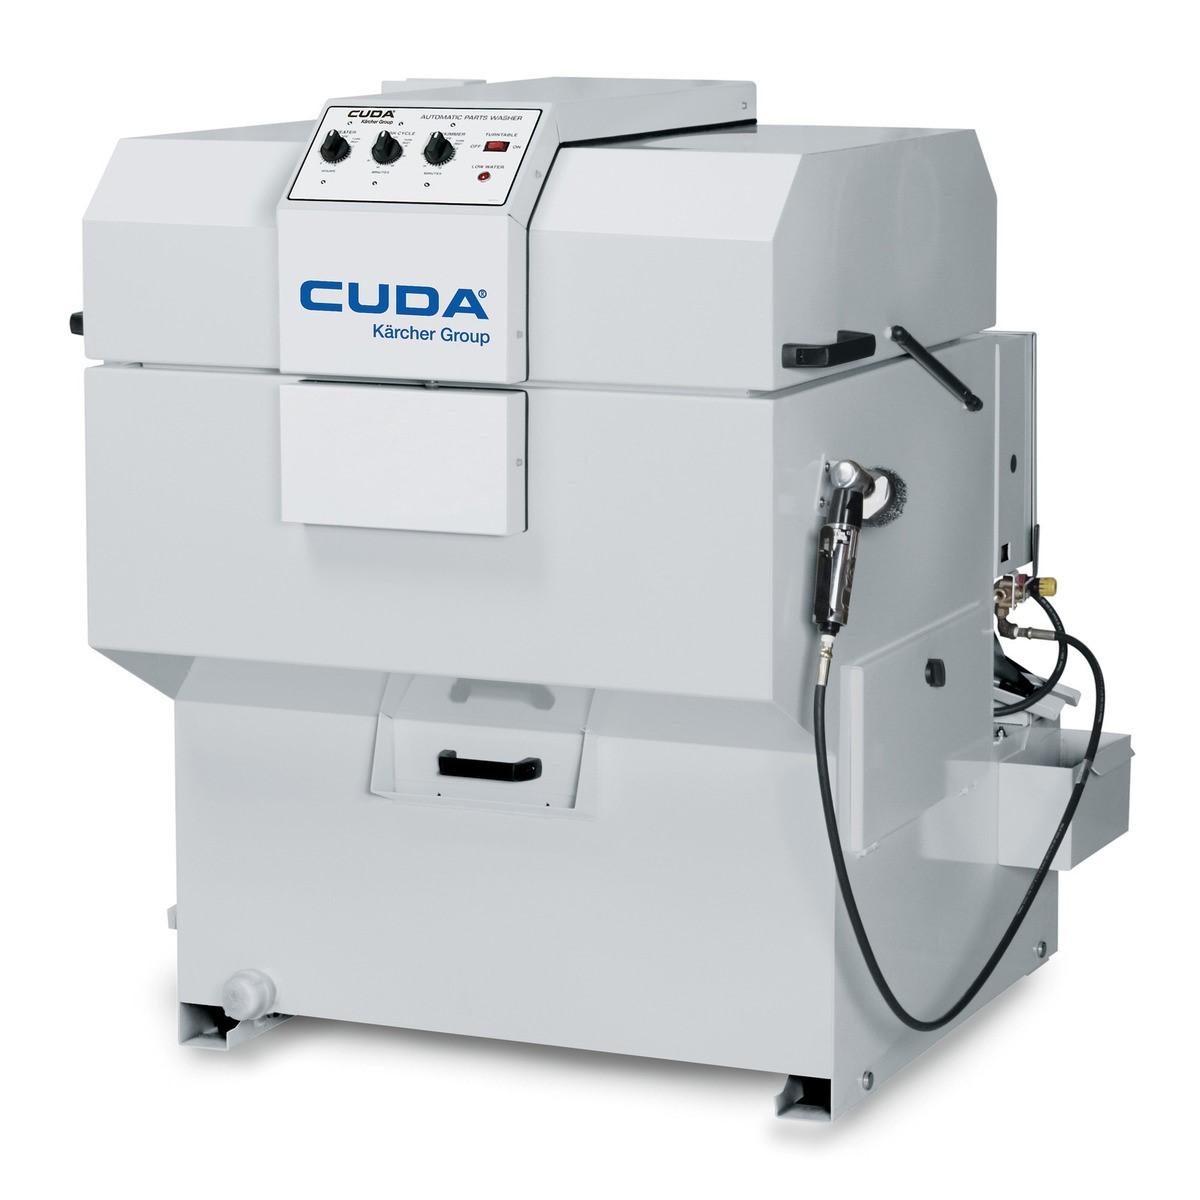 CUDA 2518 SERIES